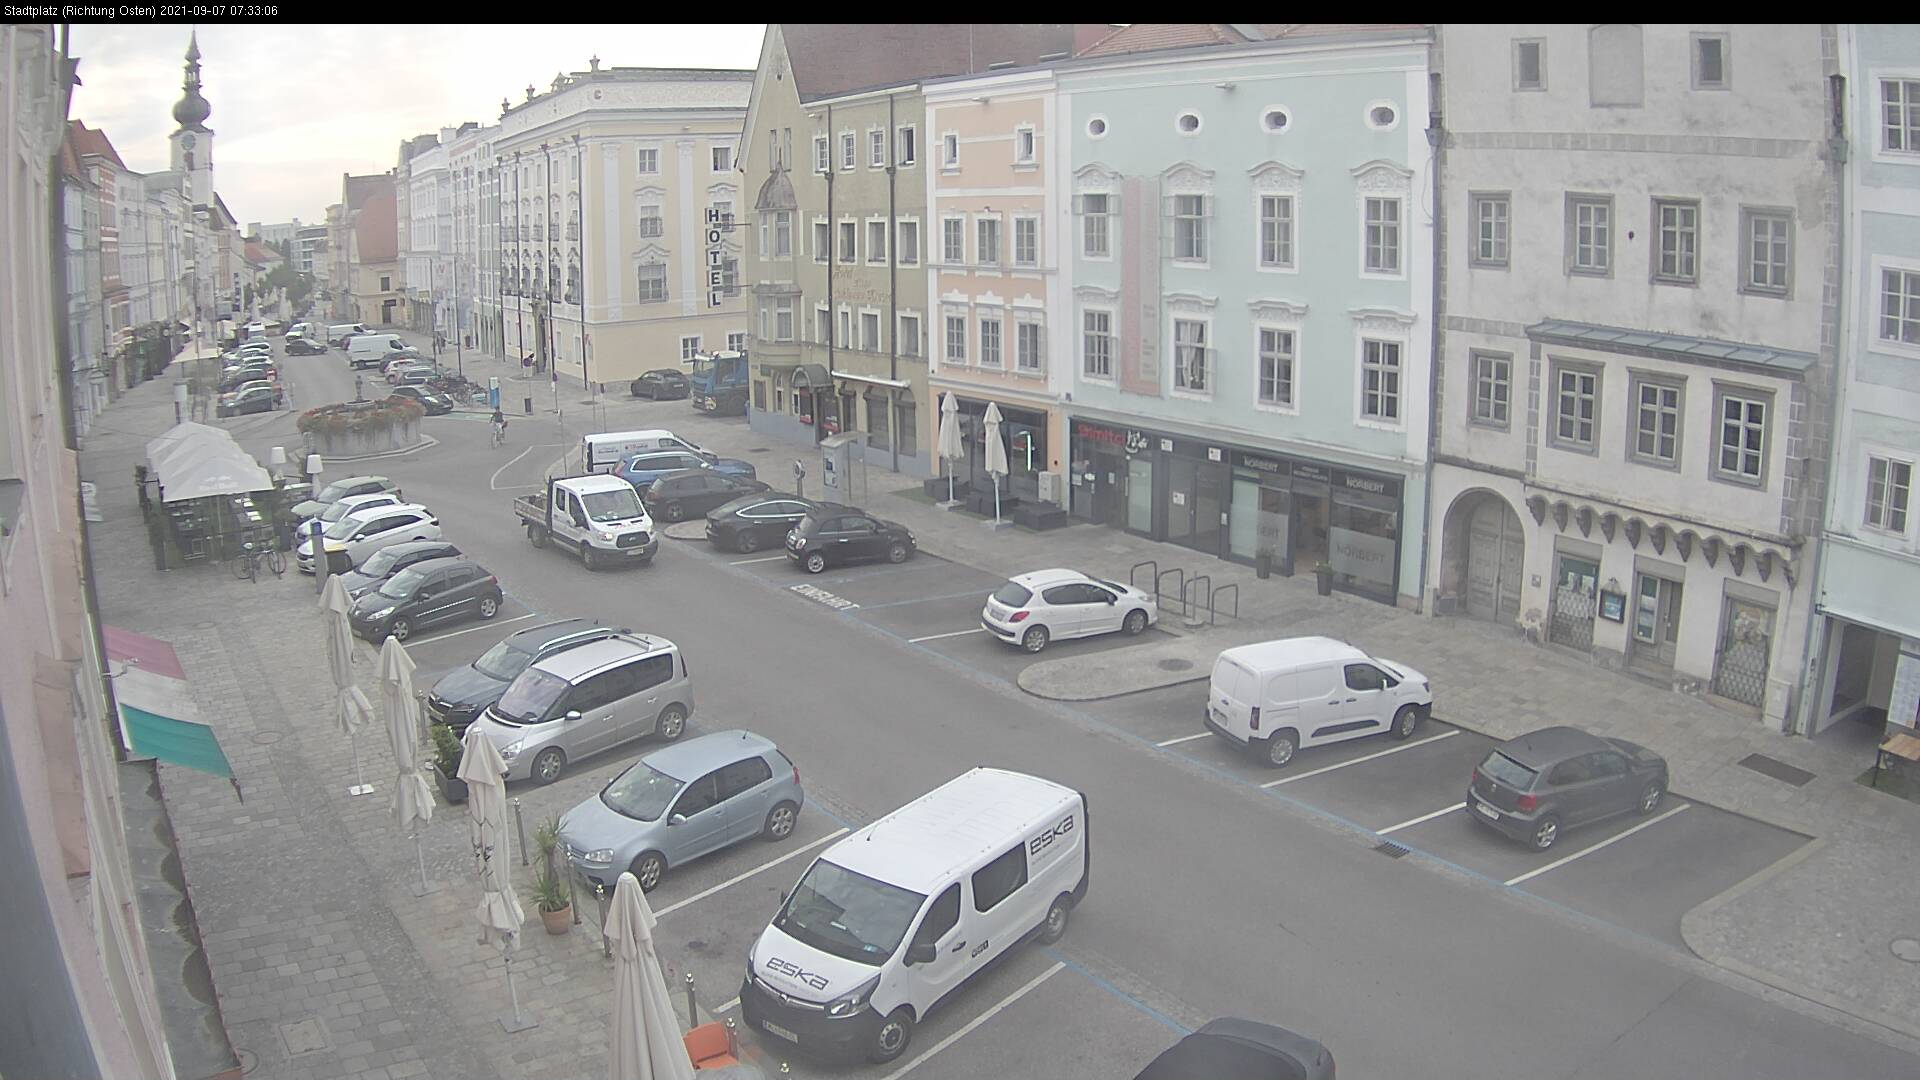 WEBkamera Wels - náměstí Stadtplatz a kostel